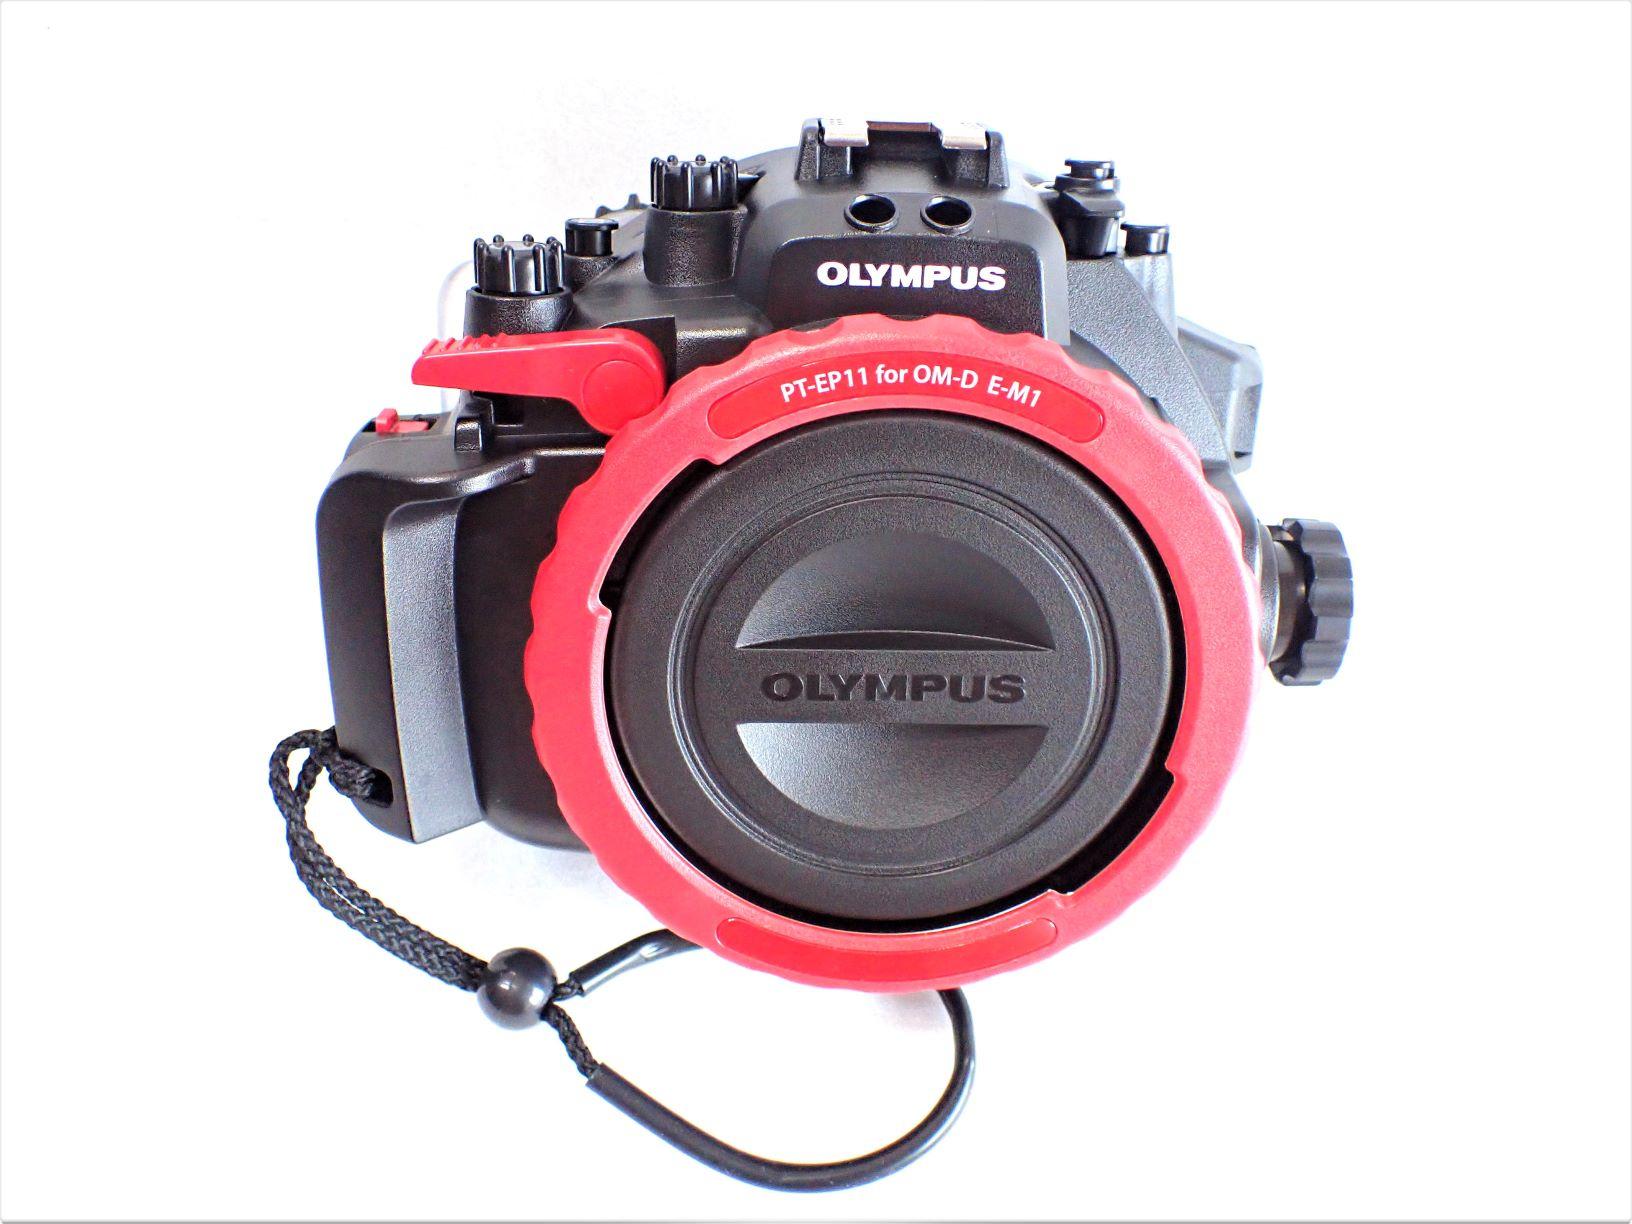 中古水中カメラ機材 オリンパス PT-EP11防水プロテクター(OM-D E-M1対応用)未使用